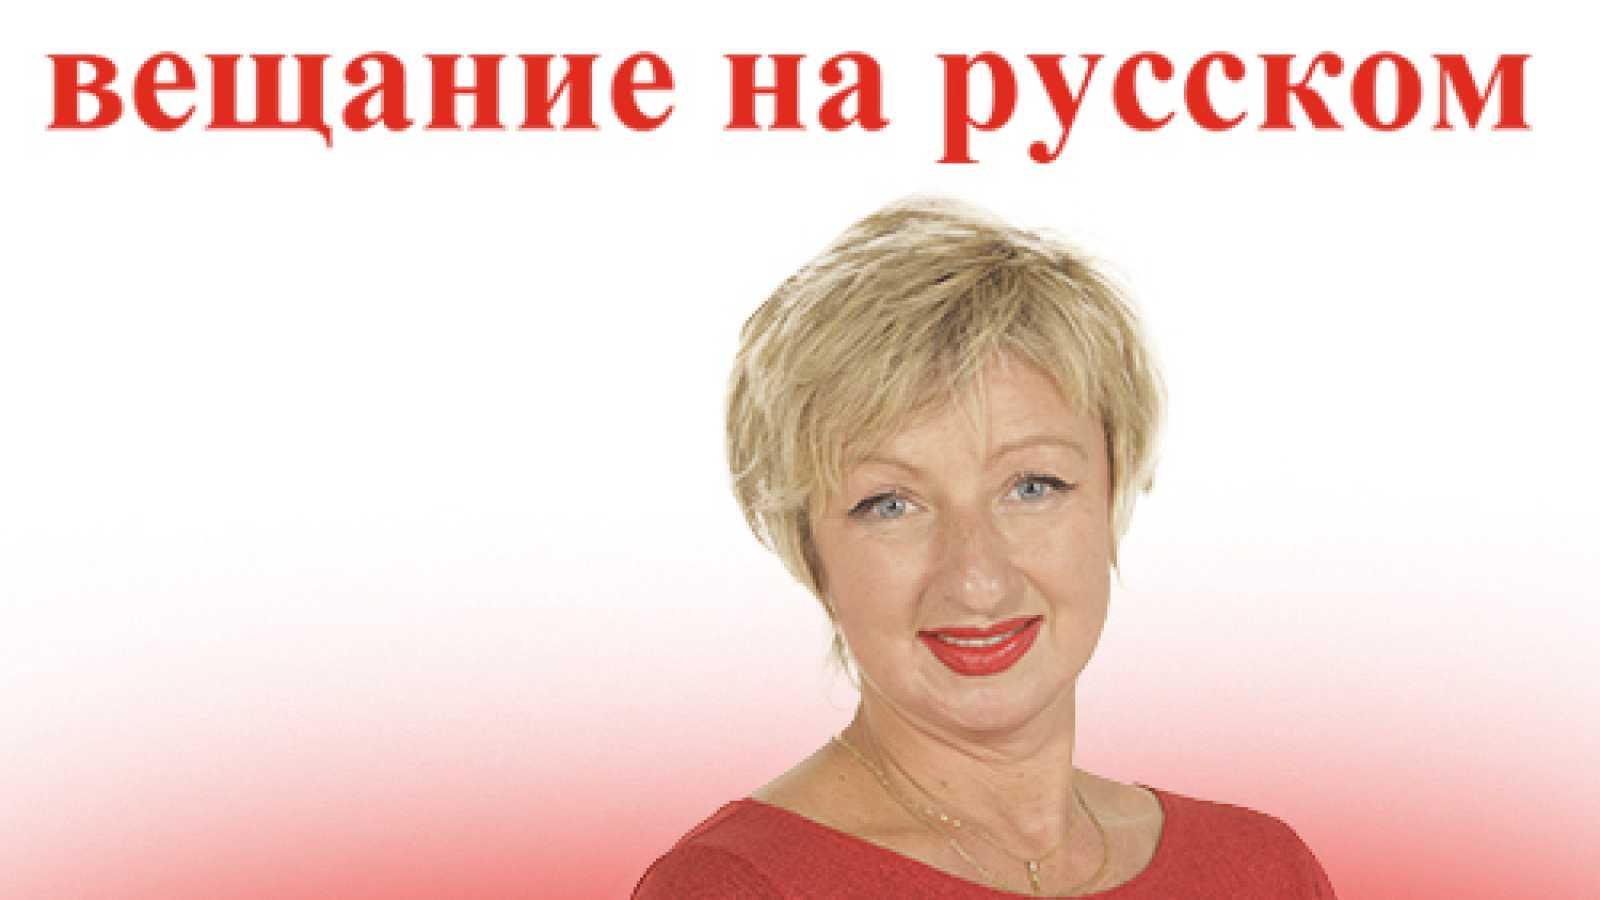 Emisión en ruso - Olga Karach. Belarus: v poiskah transformatsii - 05/02/21 - Escuchar ahora